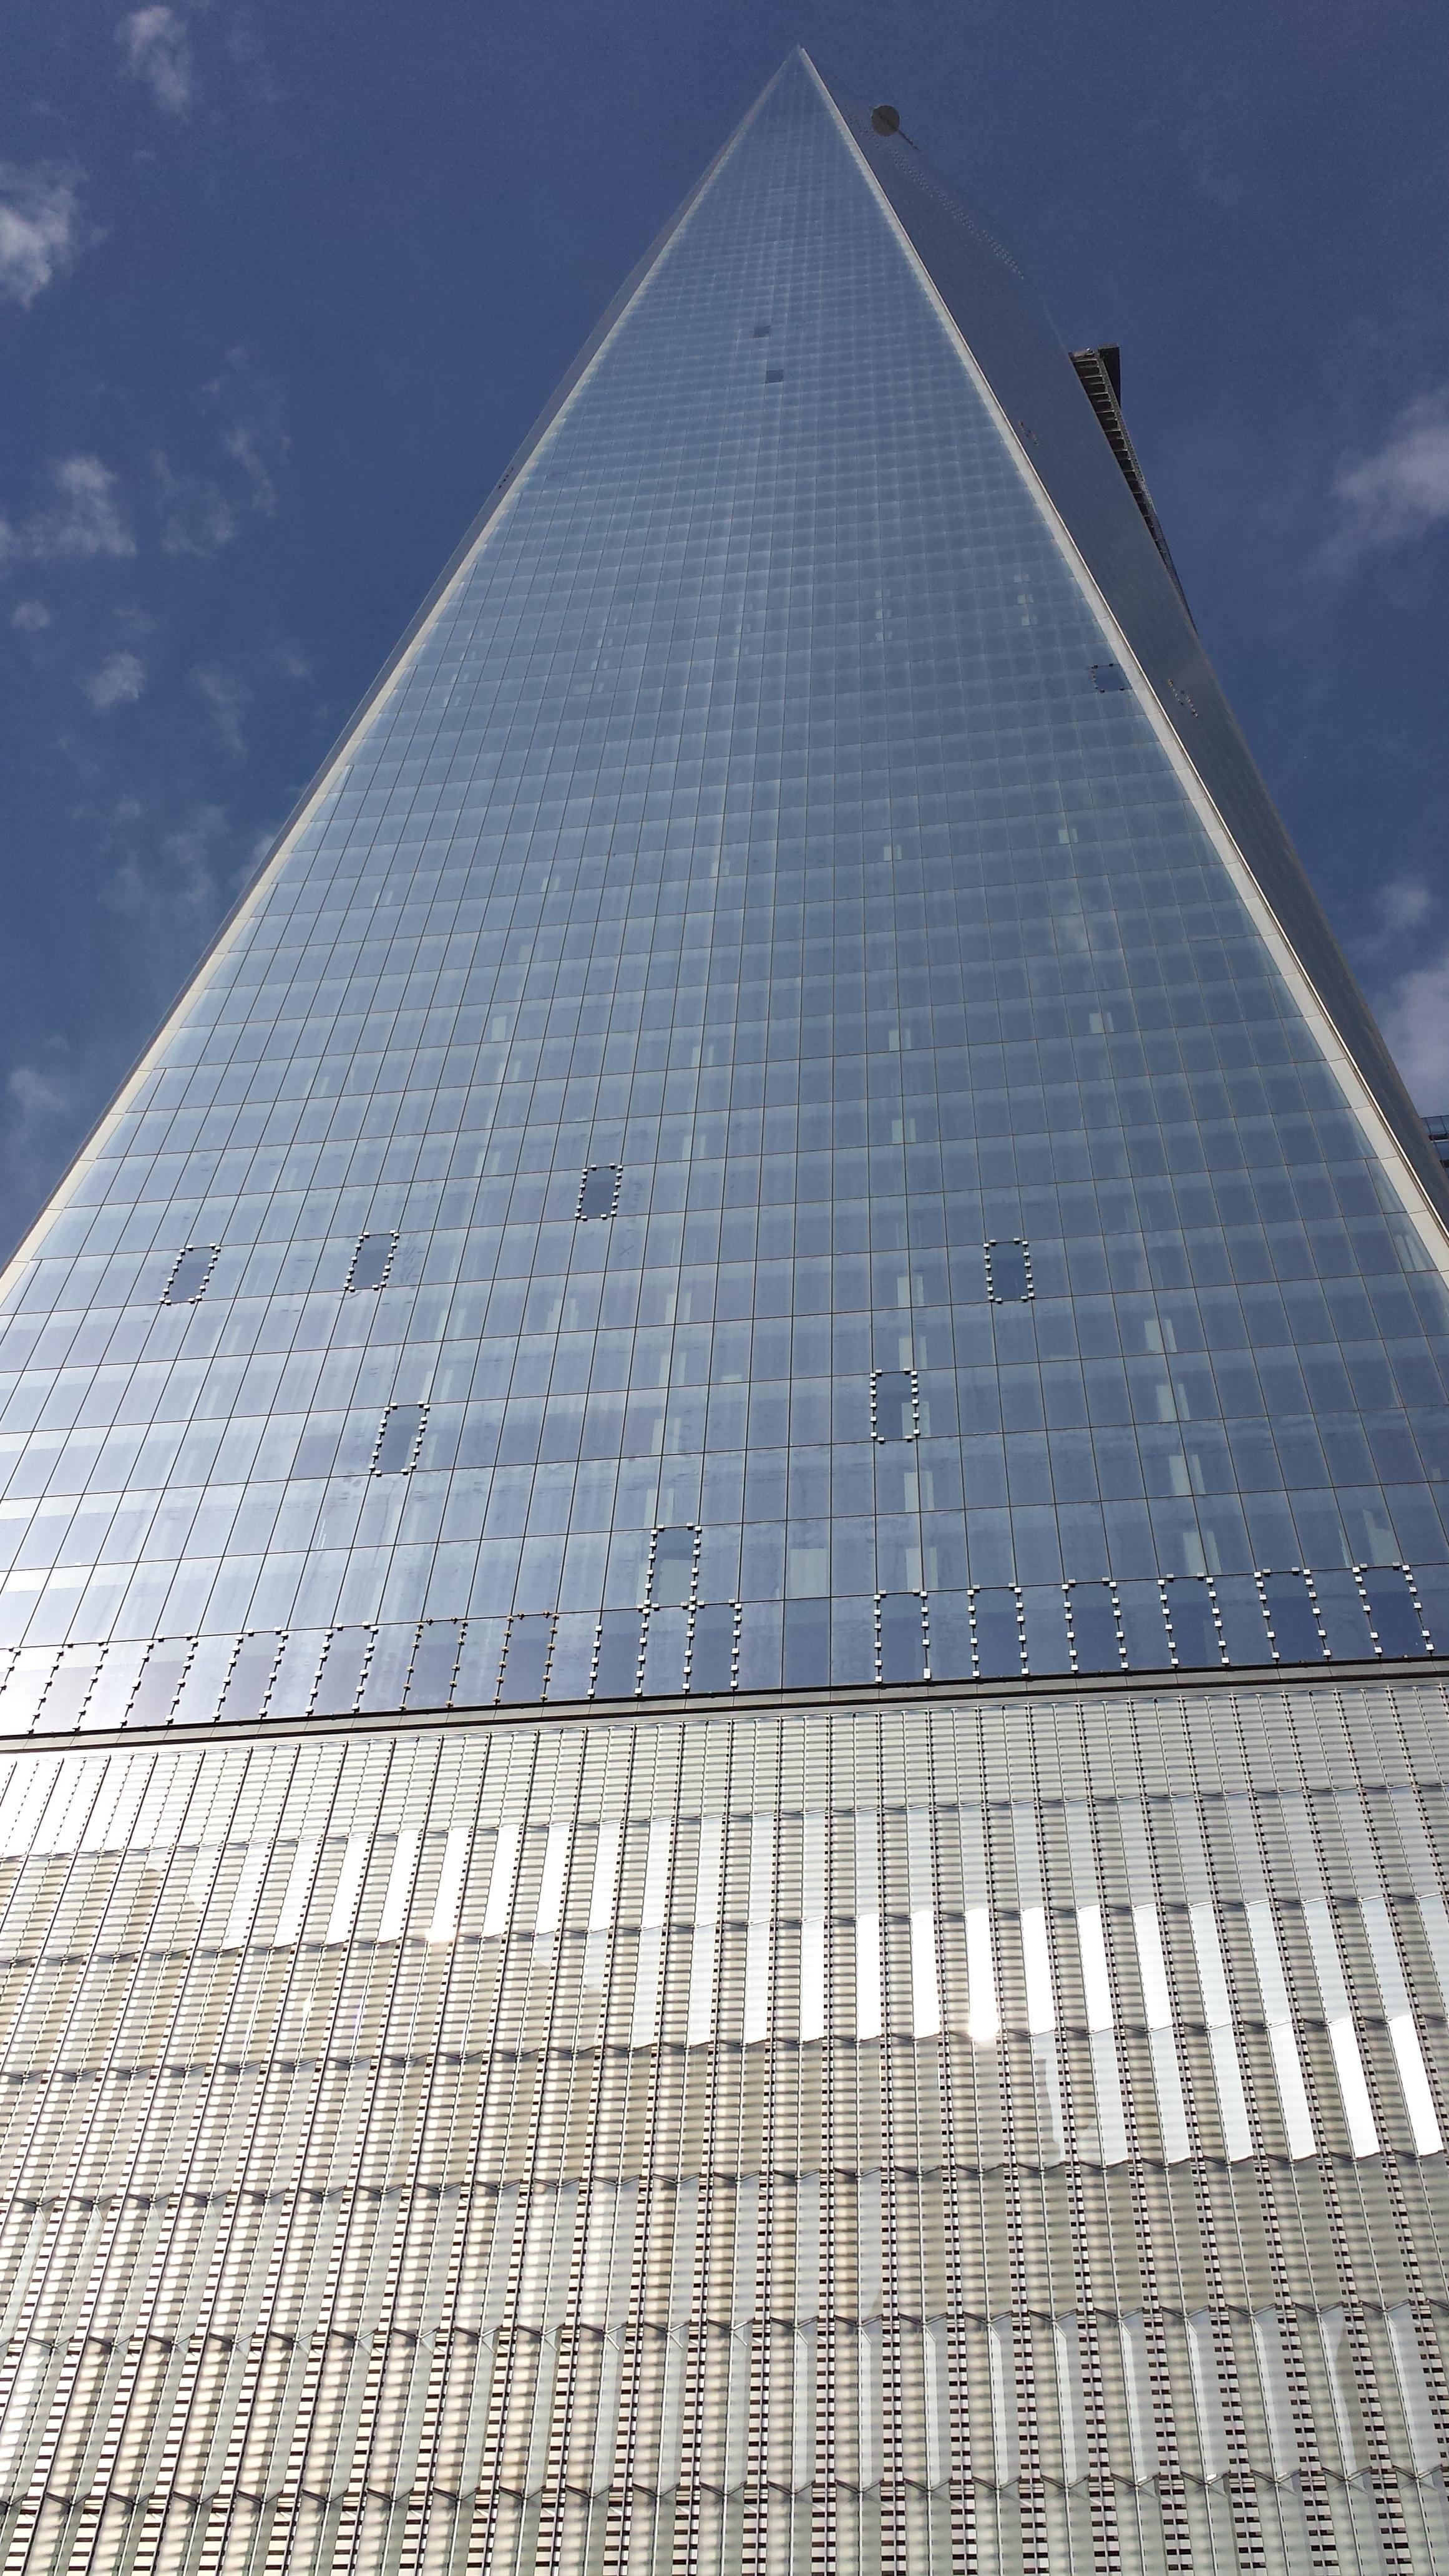 techo rascacielos nueva york manhattan nueva york monumento lnea pirmide punto de referencia fachada bloque de pisos simetra forma wtc